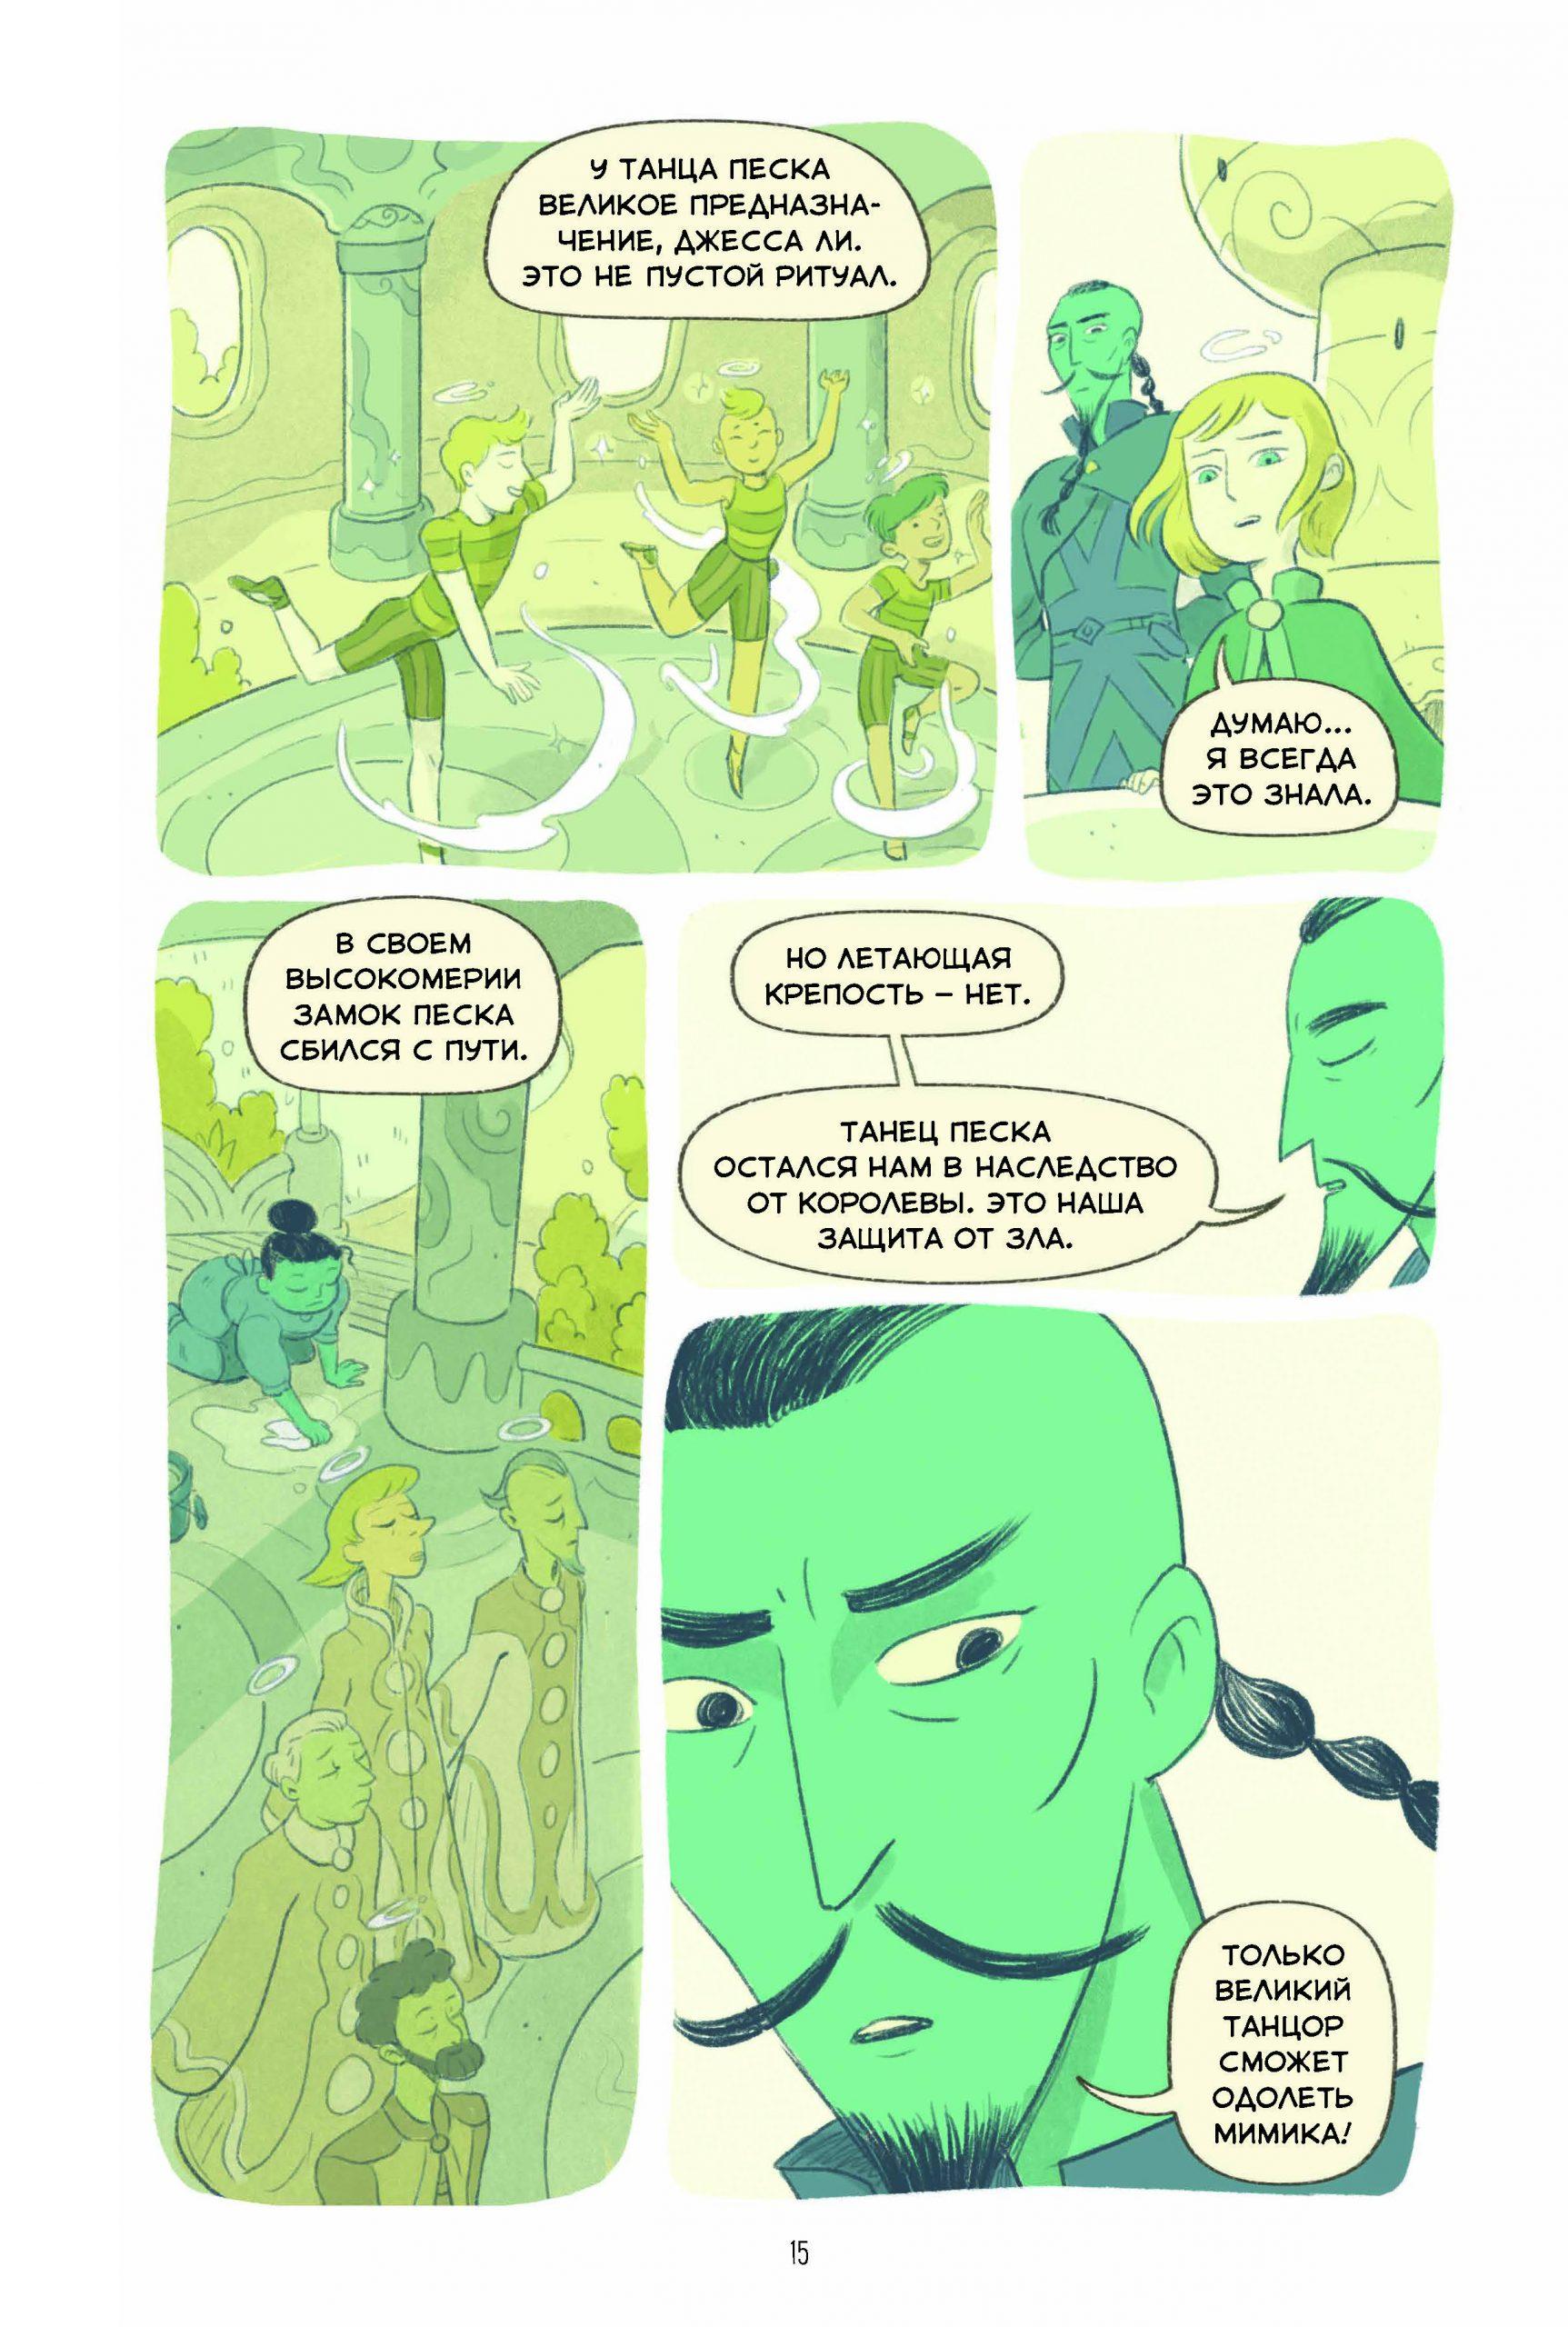 Пять миров. Том 2. Принц Кобальта. Отрывок из комикса 11